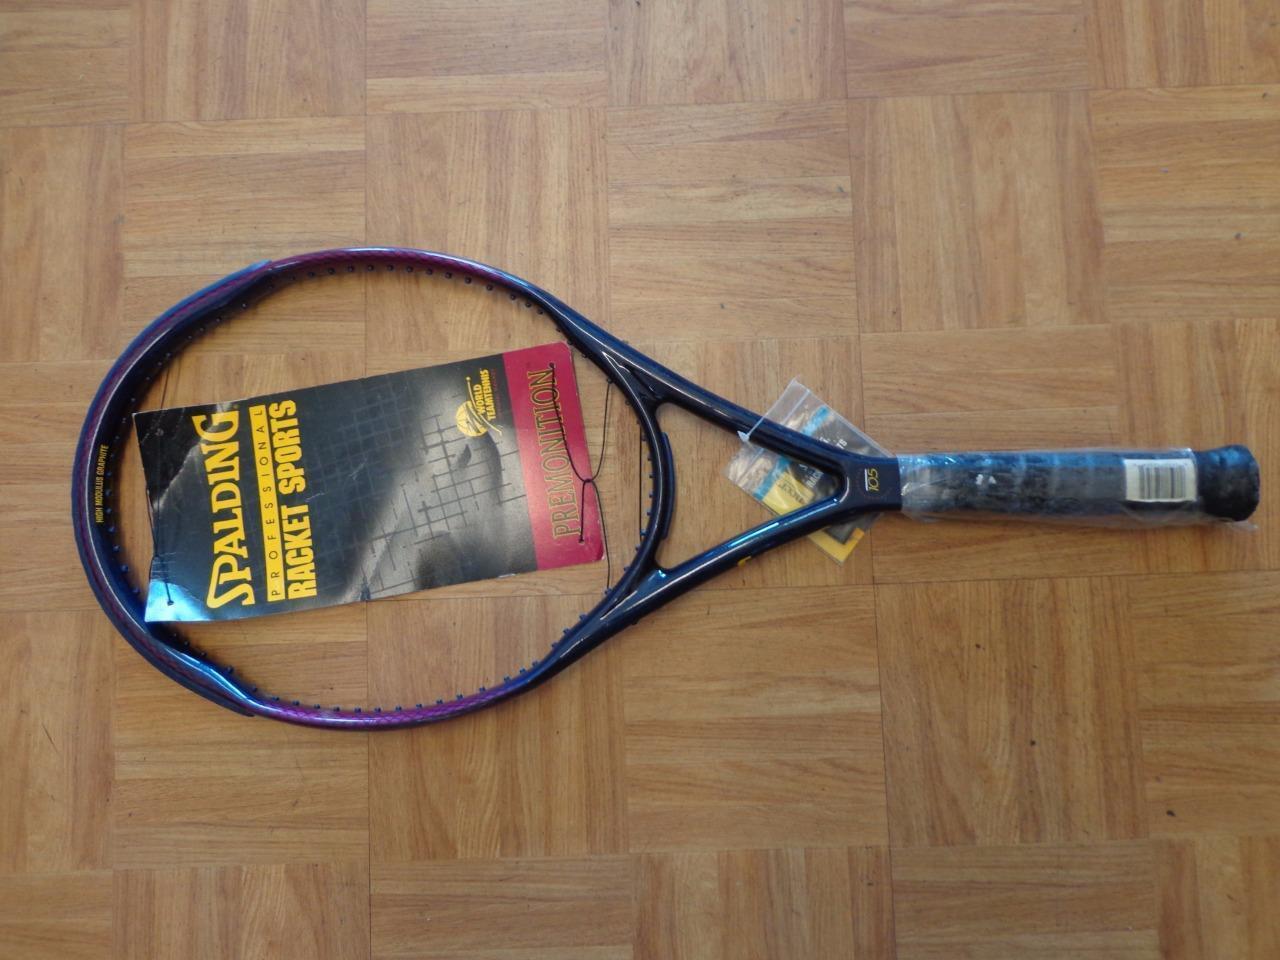 nouveau Spalding Premonition OS 105 head 4 5 8 grip Vintage Tennis Racquet